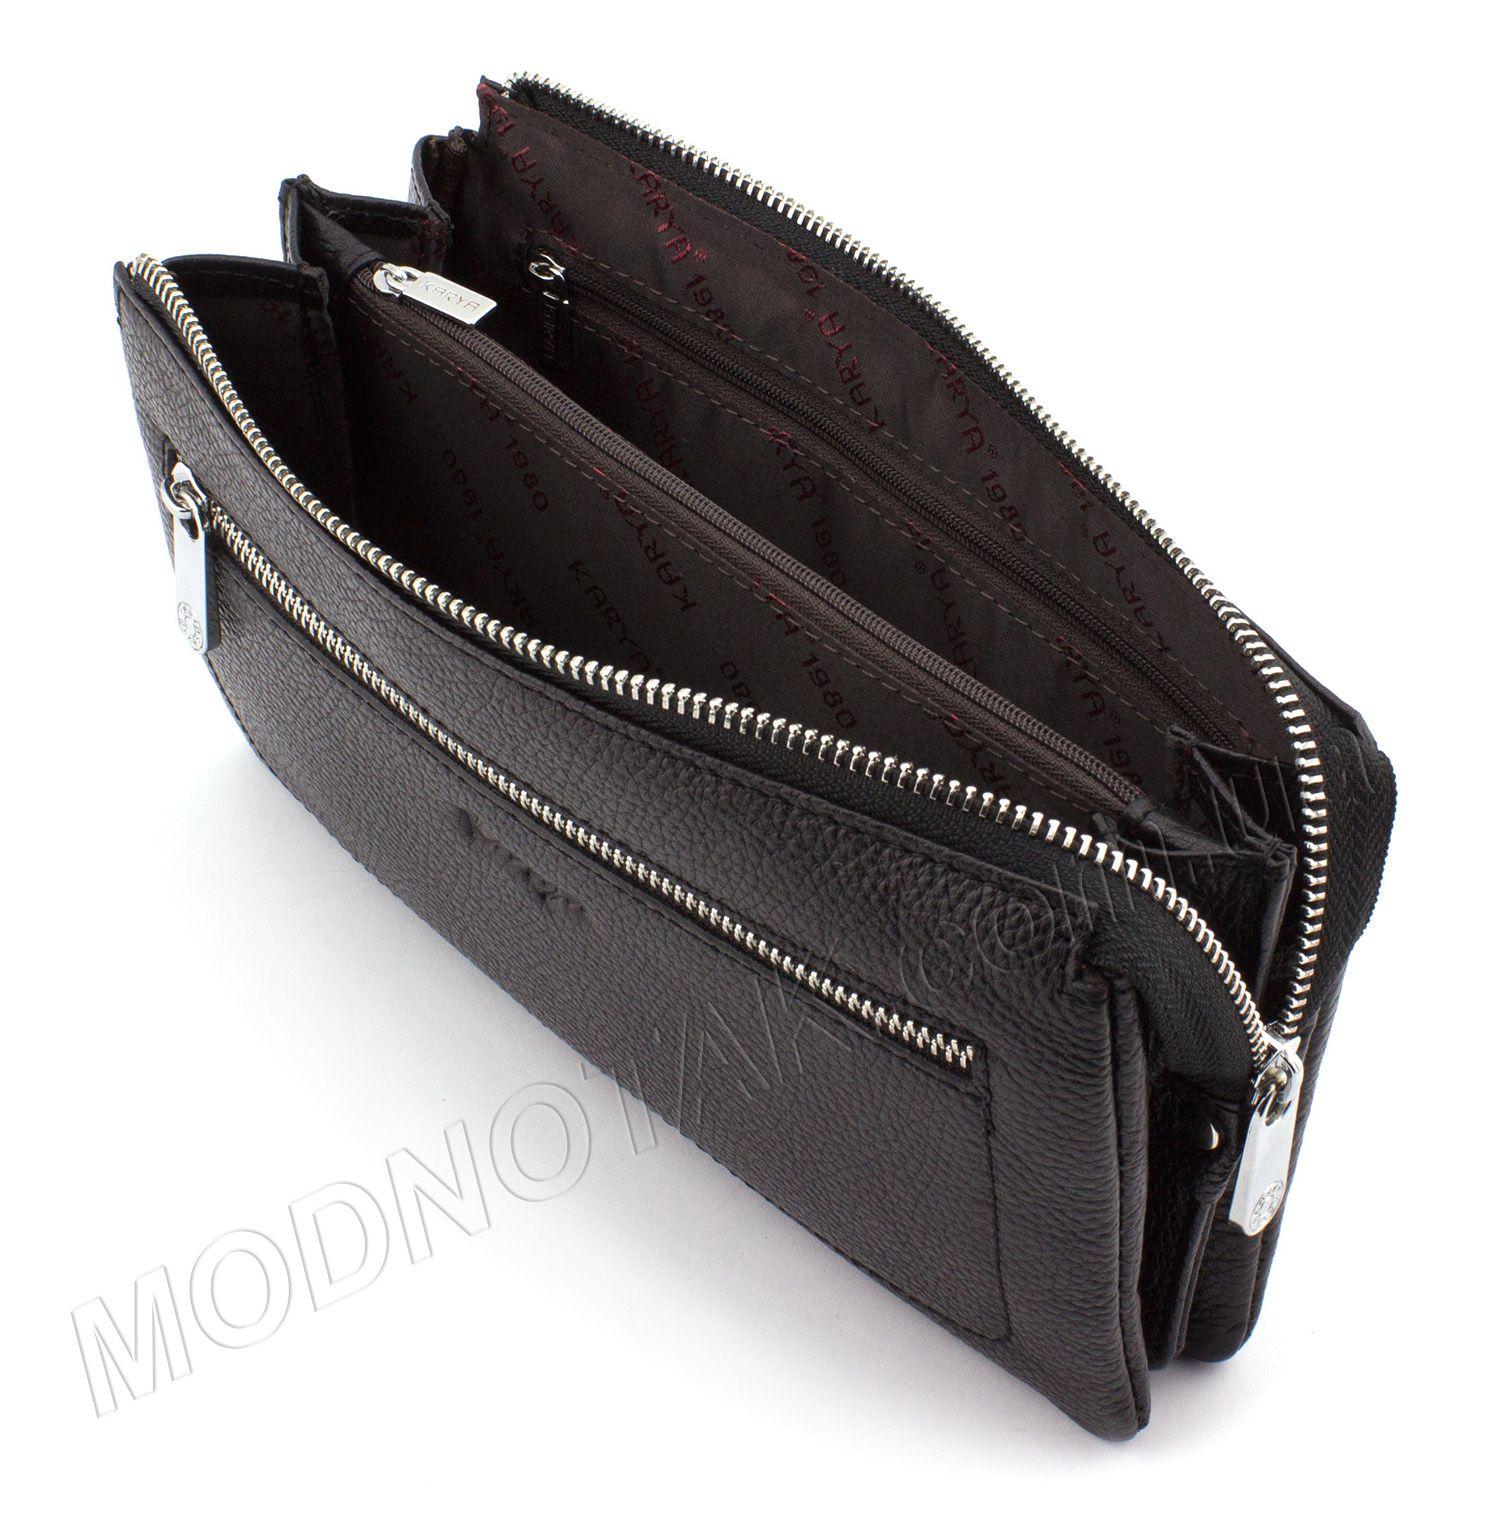 aa162c3b72c5 Купить брендовый клатч из кожи турецкого производства на молнии и с ...